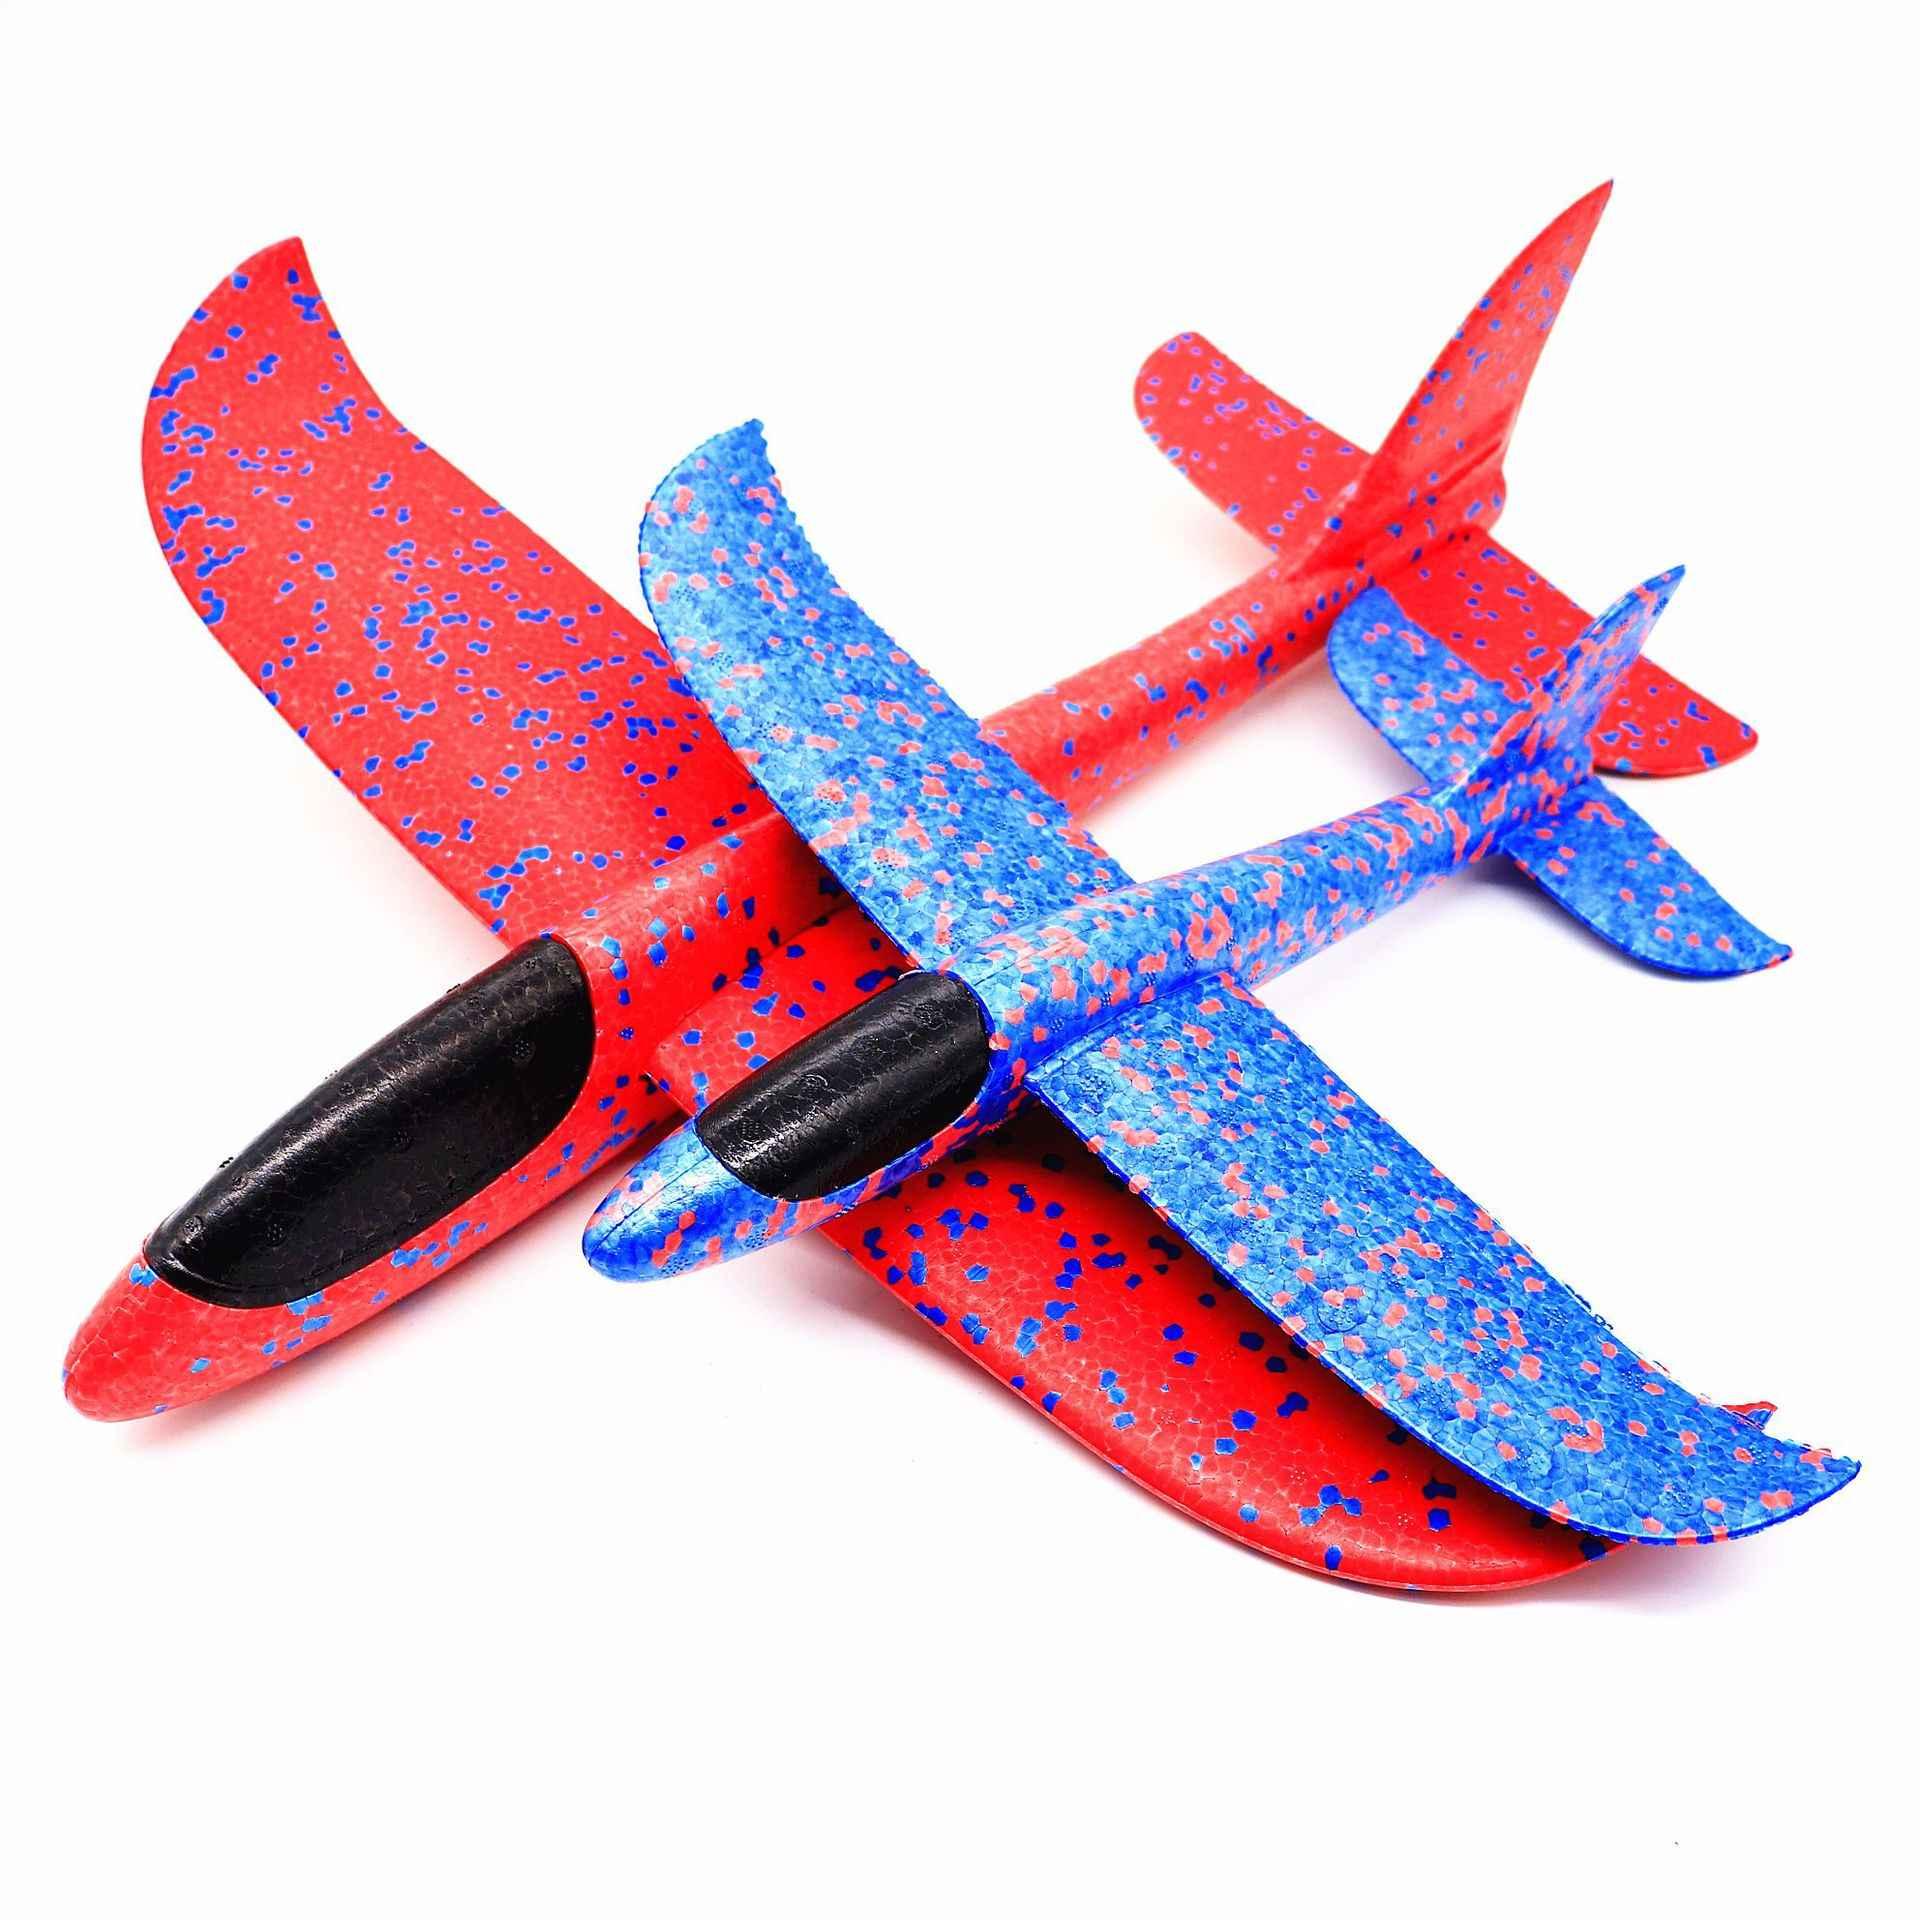 เครื่องร่อนเครื่องบินรุ่นของเล่นร่อนเครื่องบินเด็กมือโยนเครื่องบินกลางแจ้งเปิดตัวGlow Glider Plane Kids Gift Toyของเล่นที่น่าสนใจ